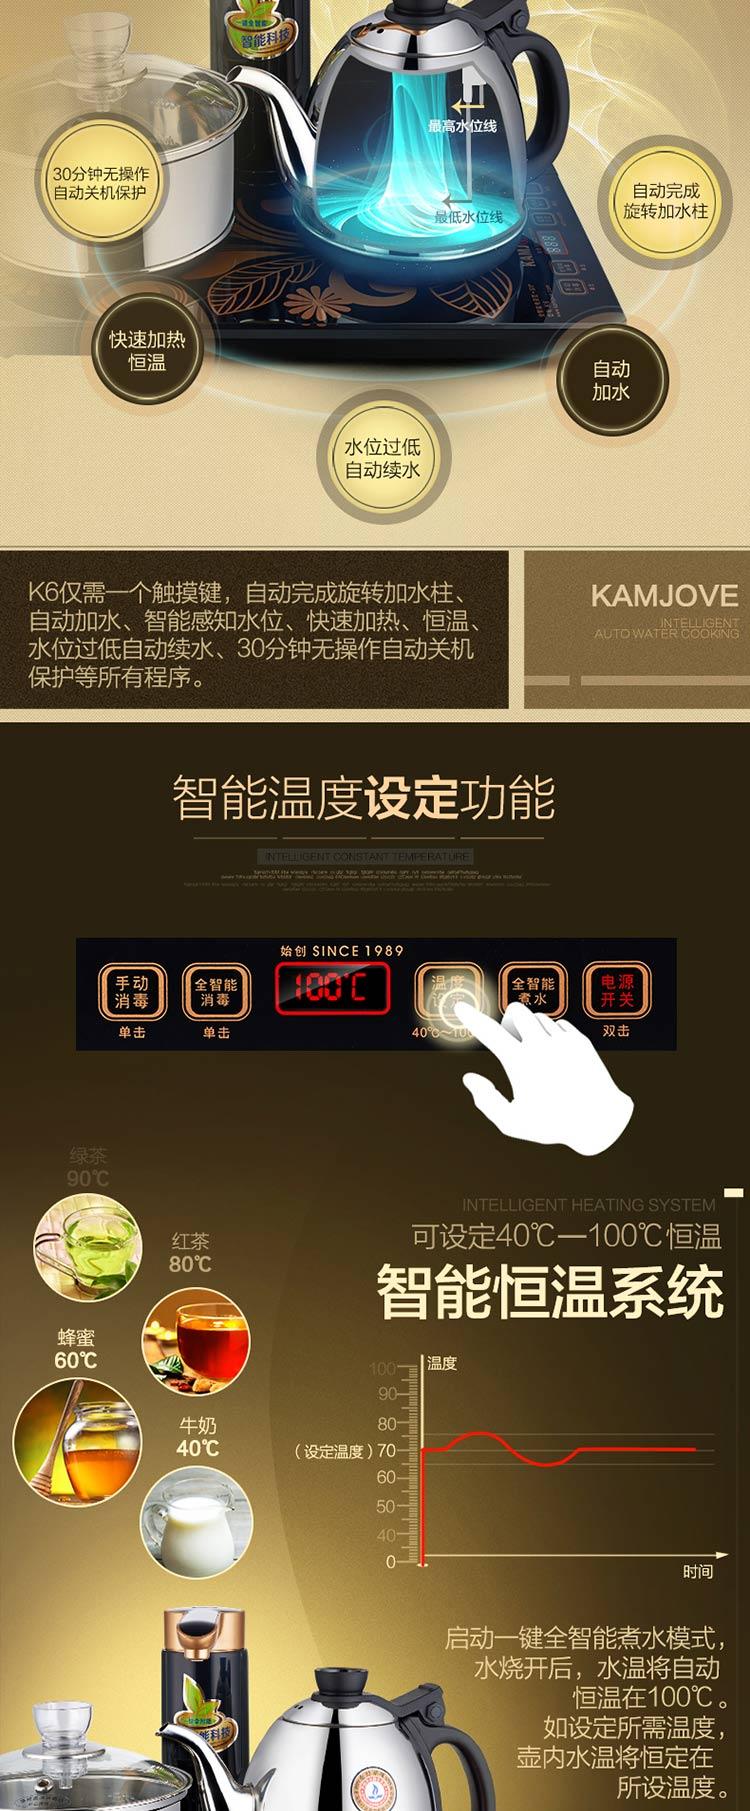 K6详情页【添加进水管】_03